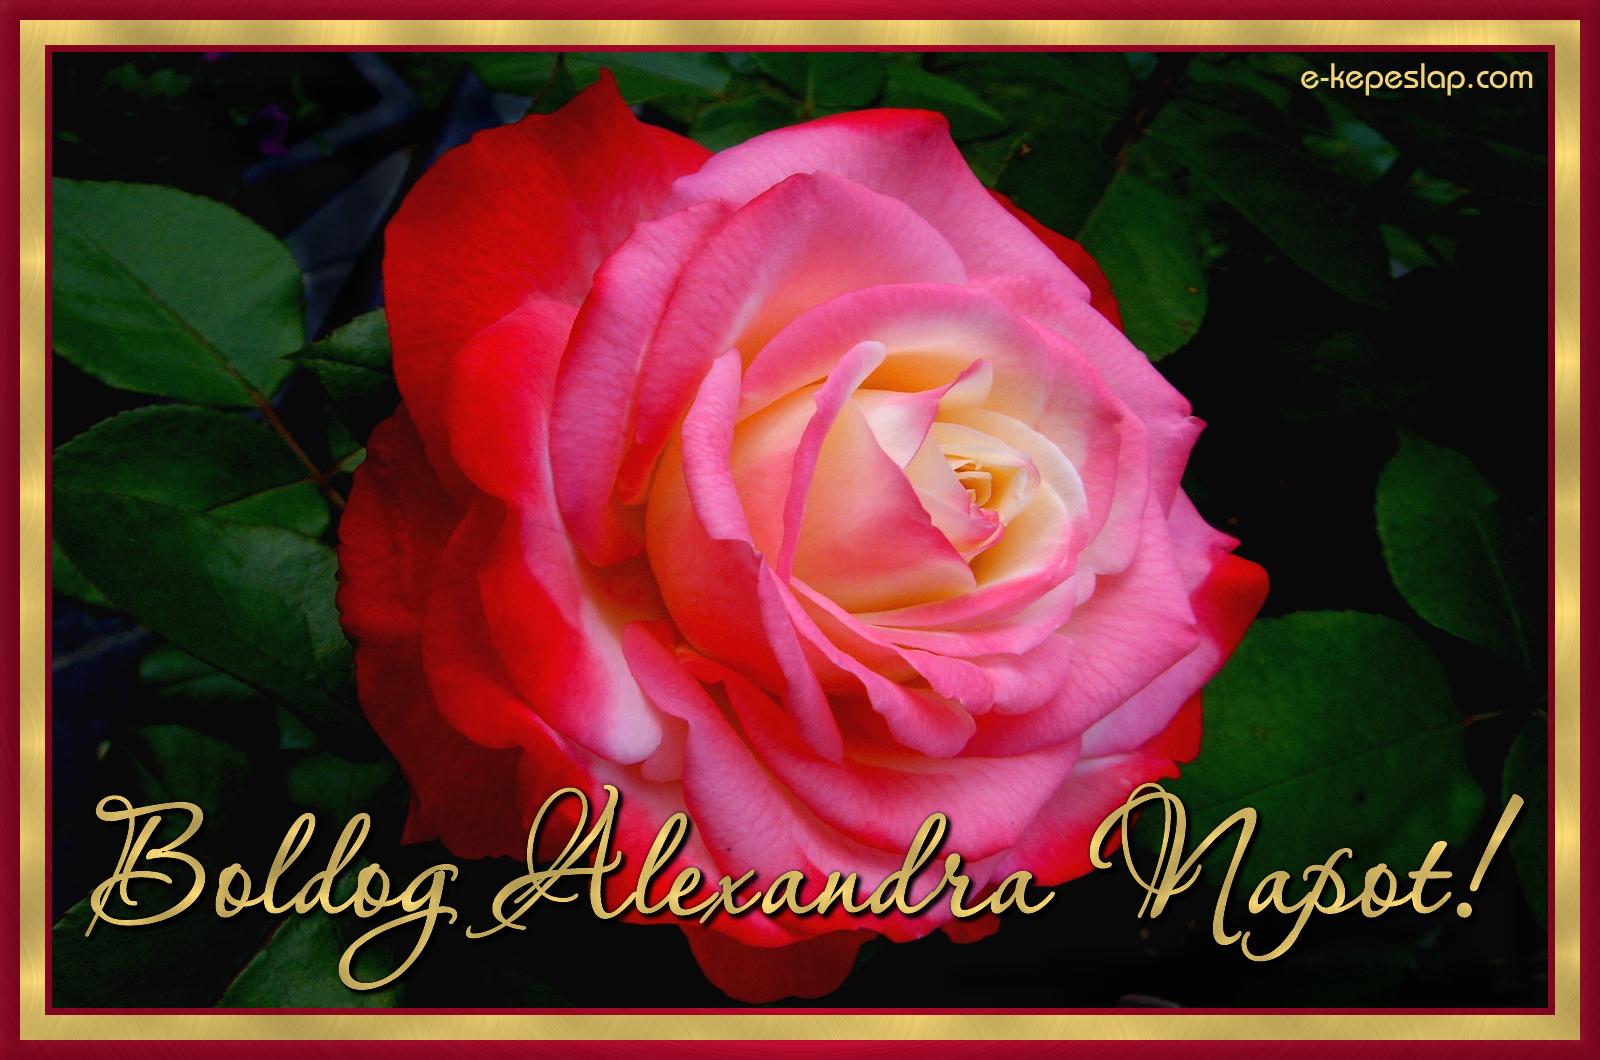 névnapi köszöntő alexandra Alexandra névnapi képeslap   Képeslapküldés   e kepeslap.com névnapi köszöntő alexandra